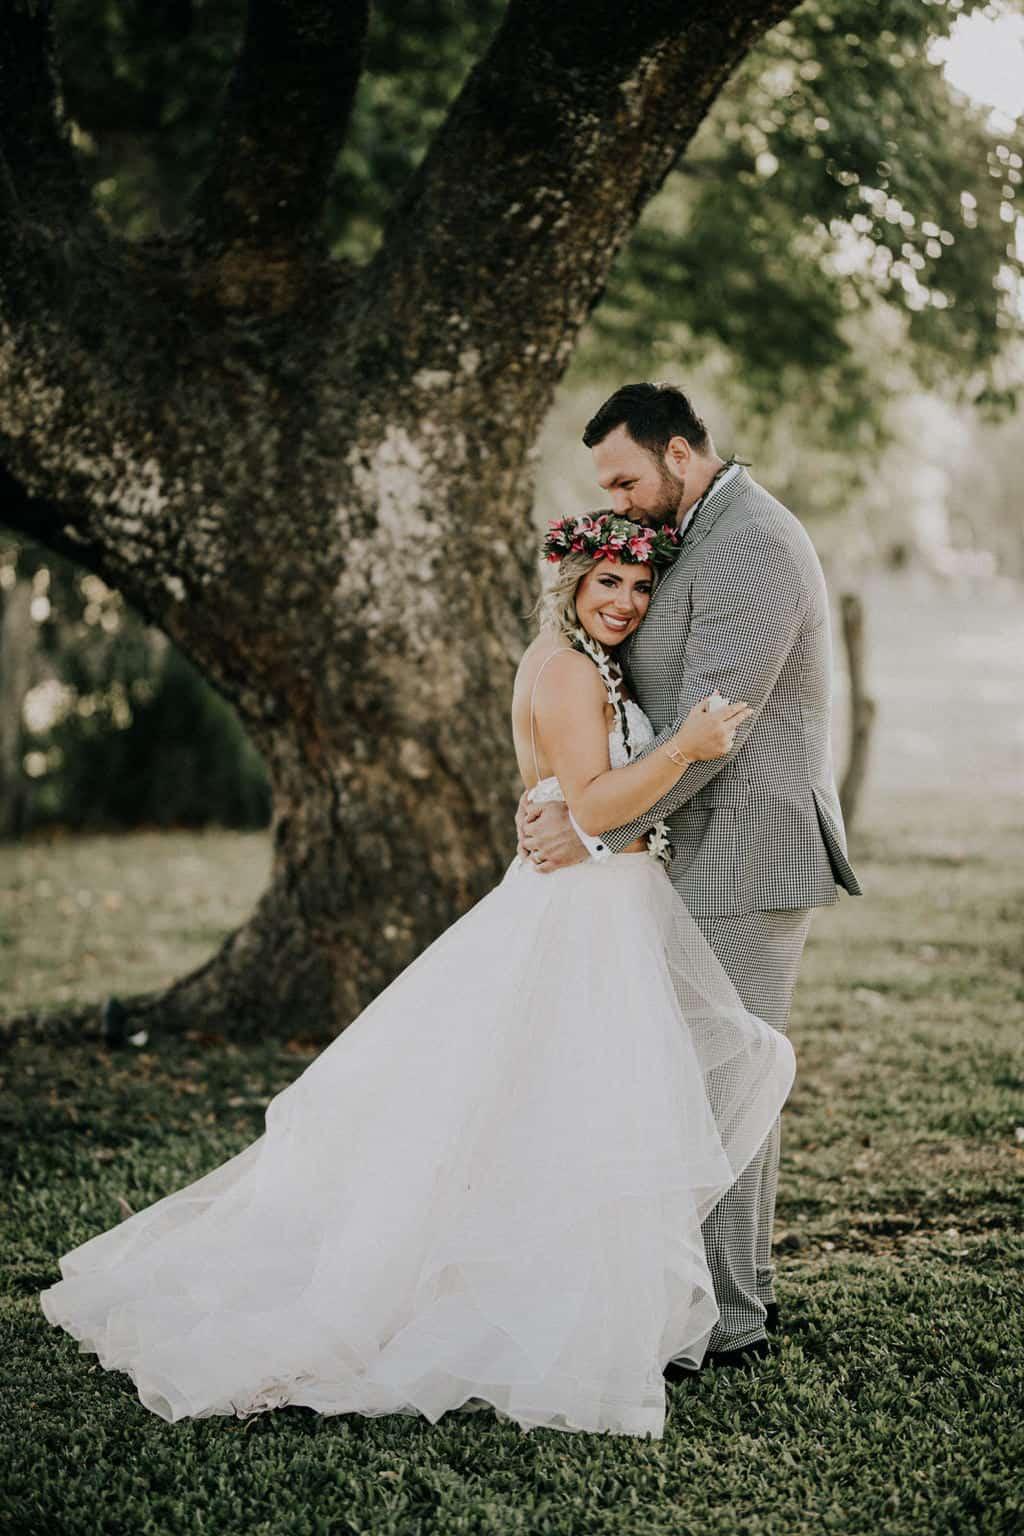 puakea ranch wedding tree, hawaii wedding tree, big island wedding tree